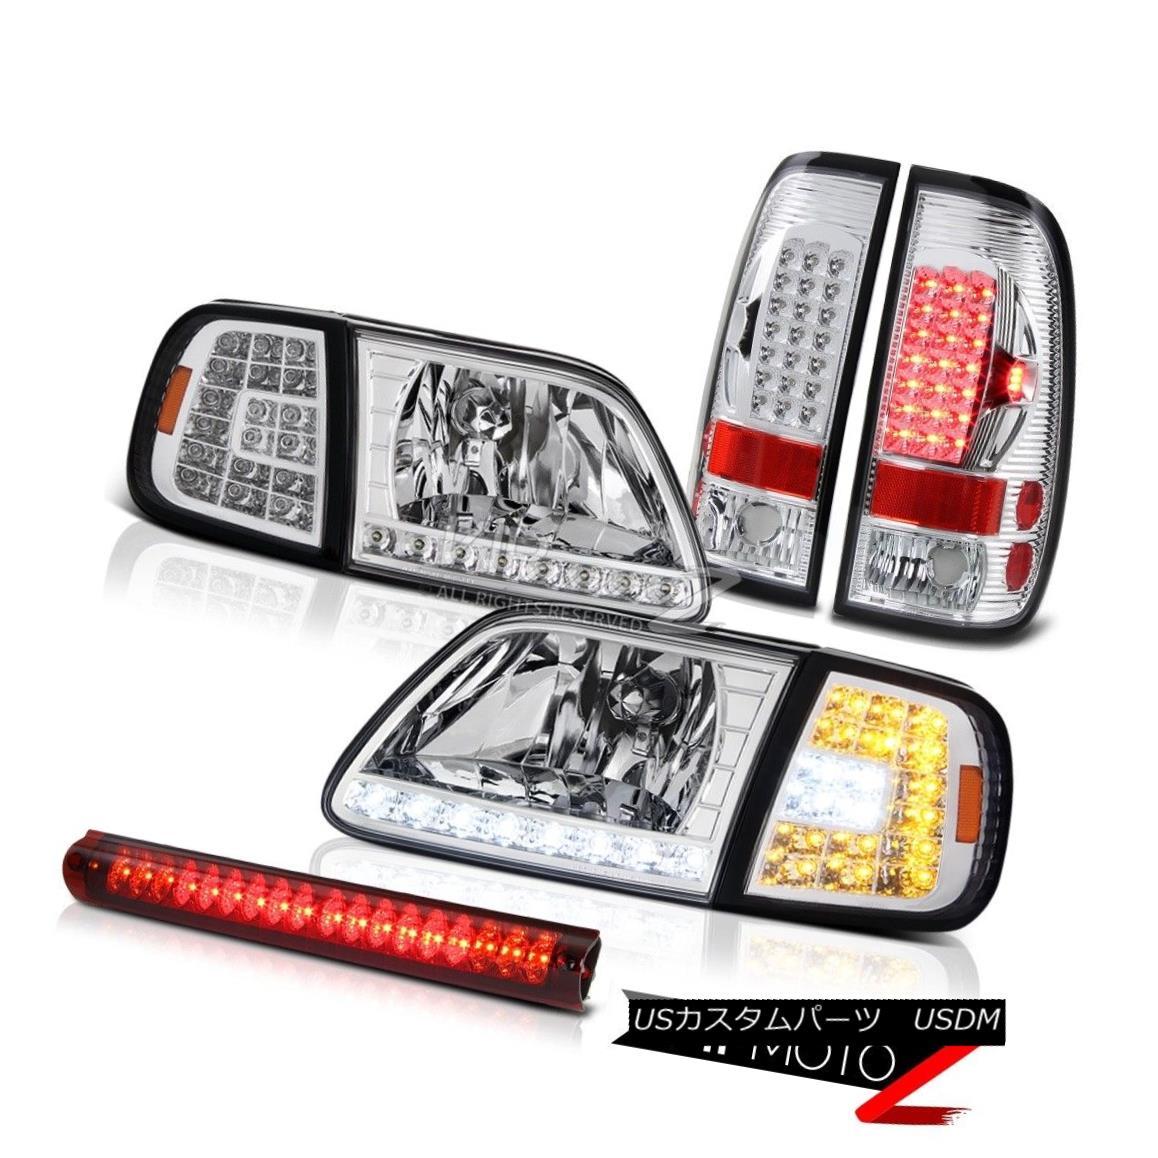 テールライト 97-03 F150 XLT Headlights DRL Corner Sterling Chrome Tail Lights High Stop LED 97-03 F150 XLTヘッドライトDRLコーナースターリングクロムテールライトハイストップLED